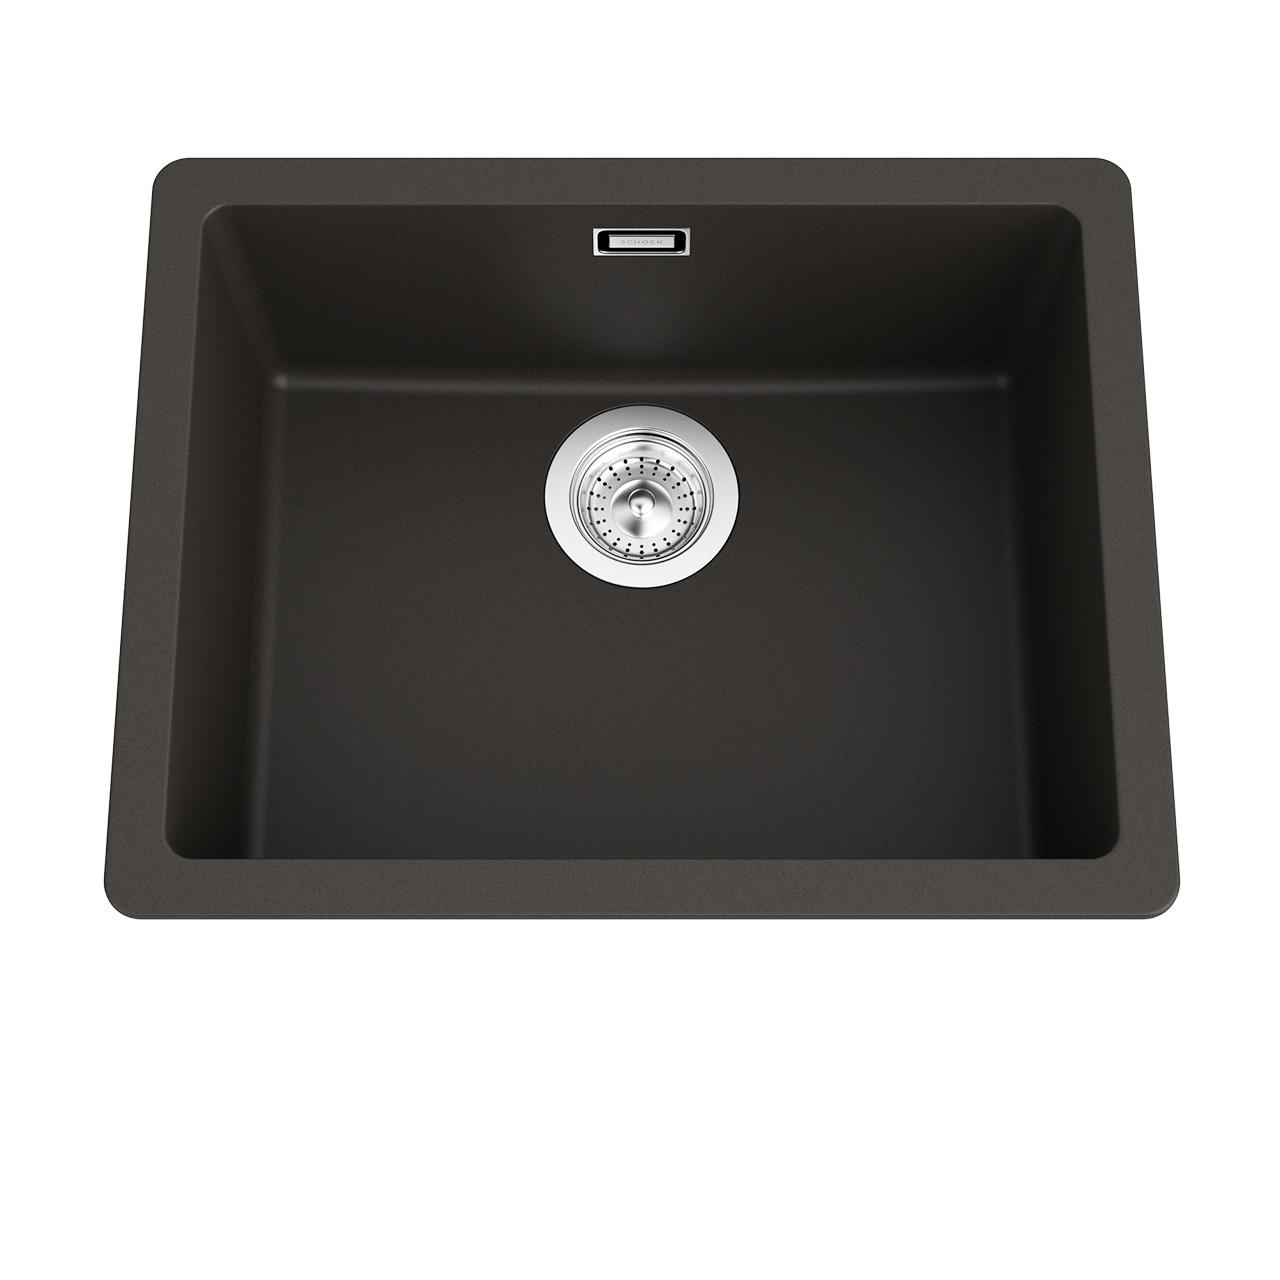 Quadro N100 Sink by Schock